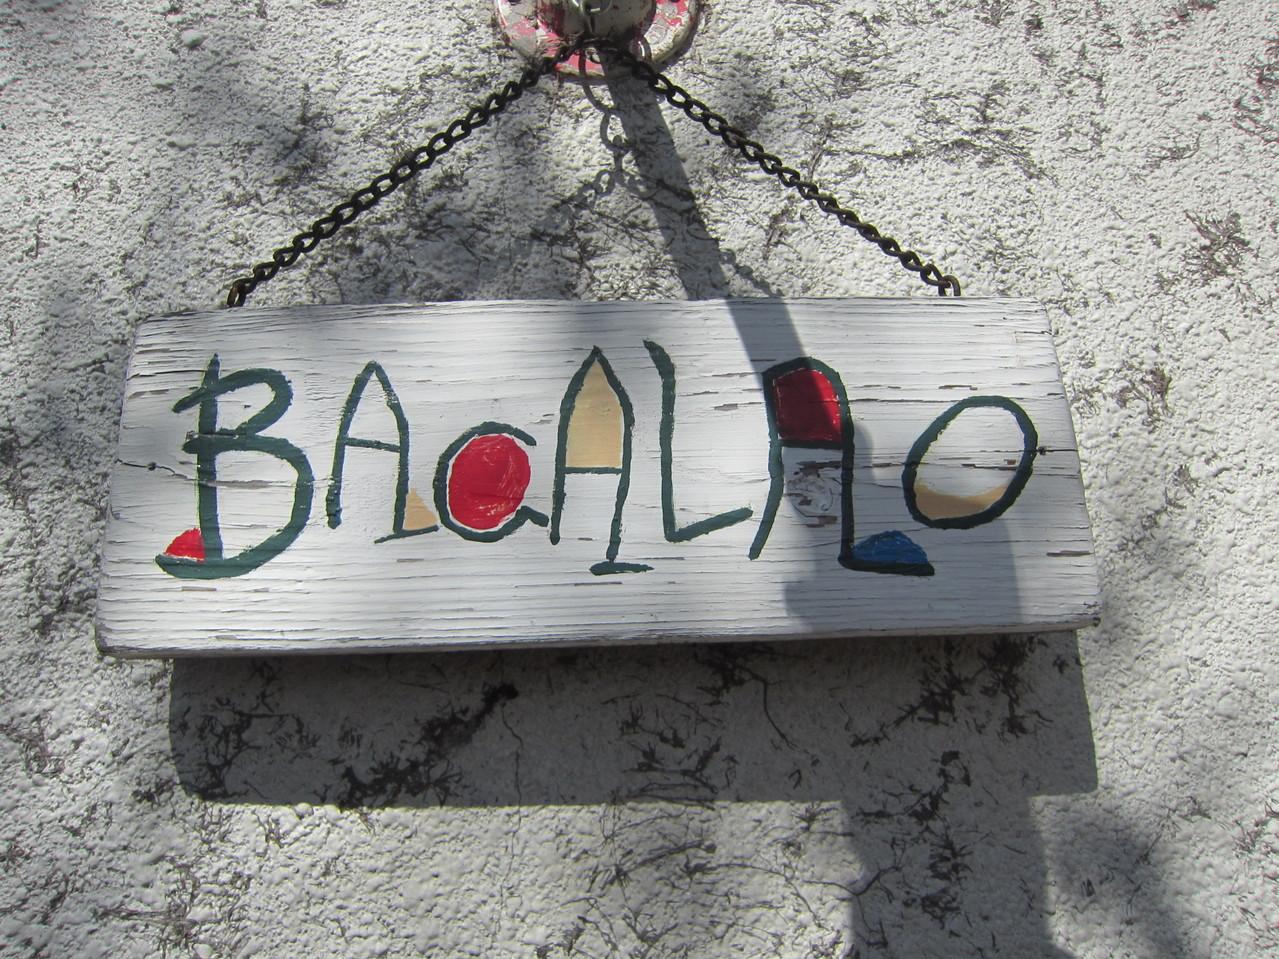 スペイン料理バカラオ亭